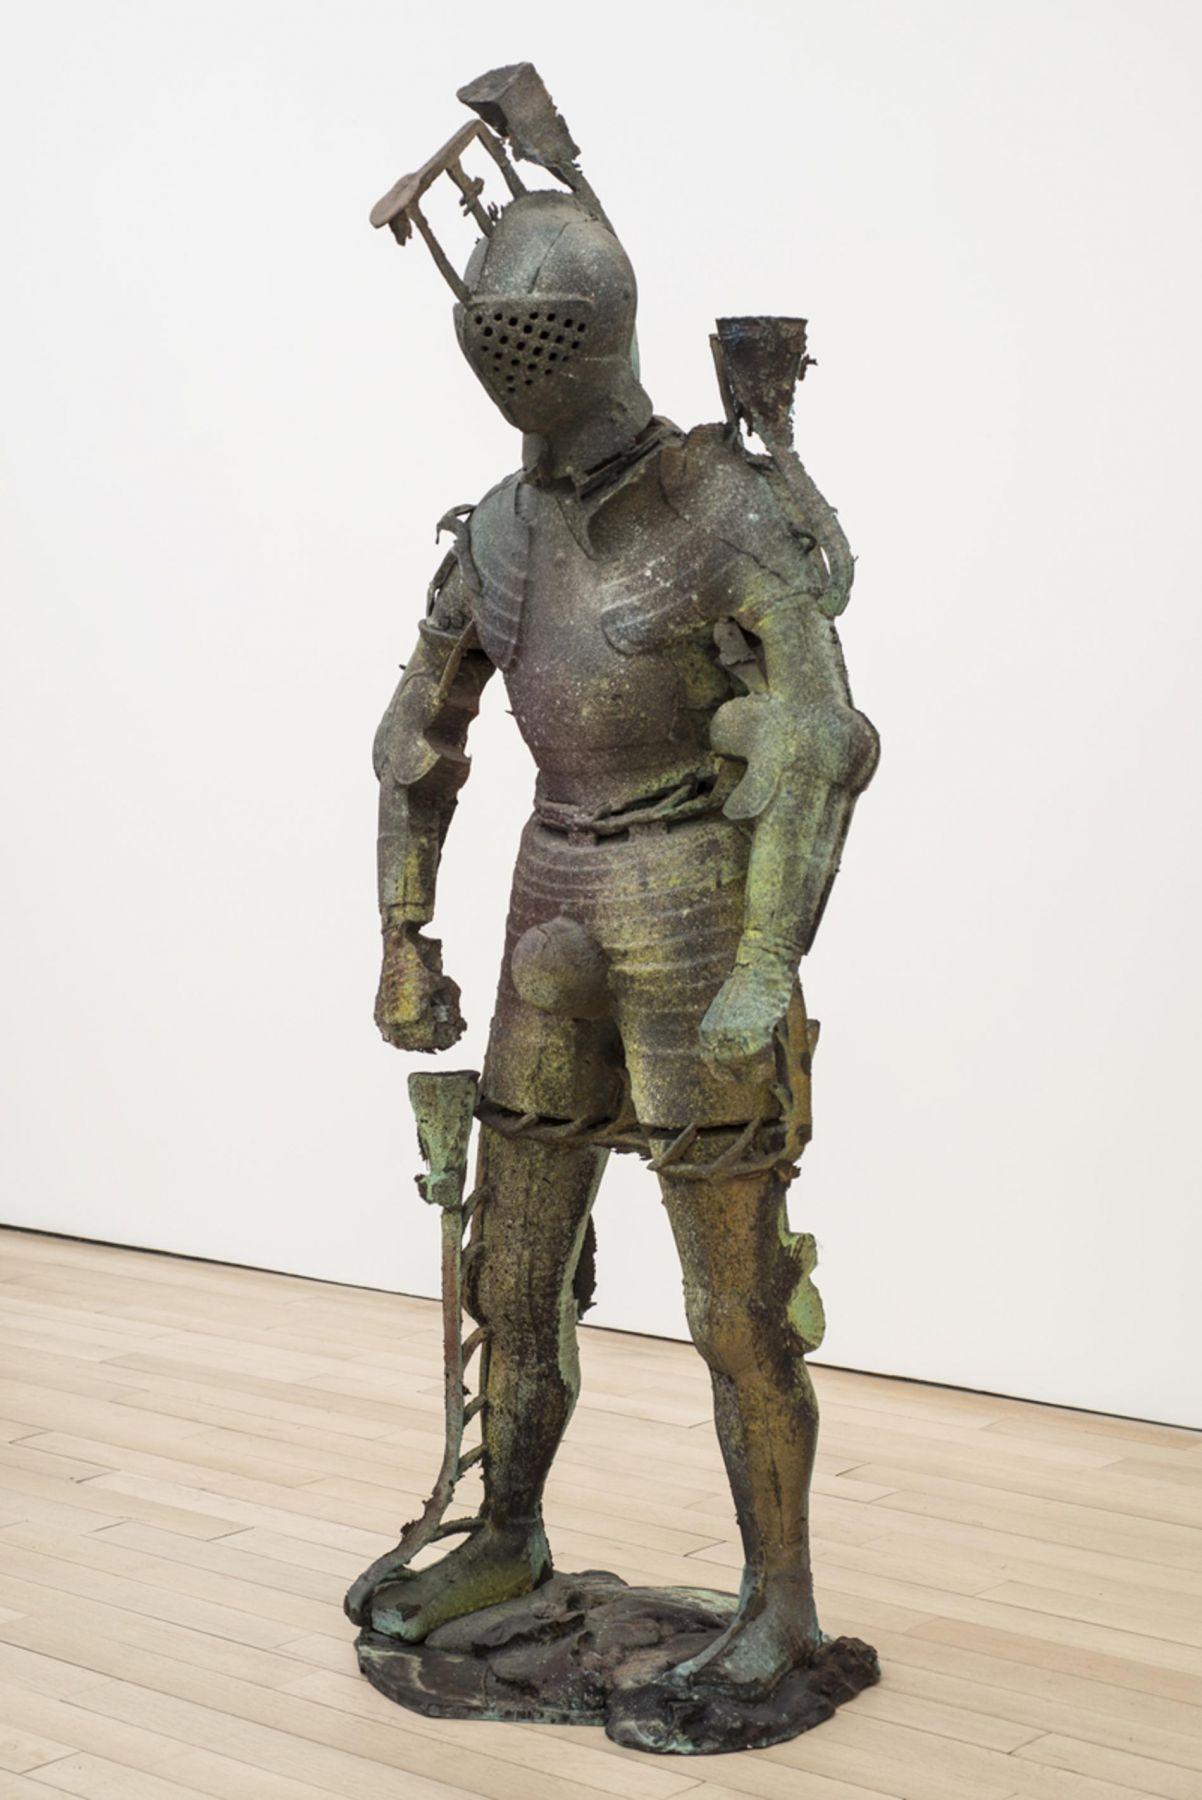 , FOLKERT DE JONGFidei Defensor,2014Patinated bronze82 5/8 x 35 3/8 x 25 9/16 in.(210 x 90 x 65 cm)Edition of 3